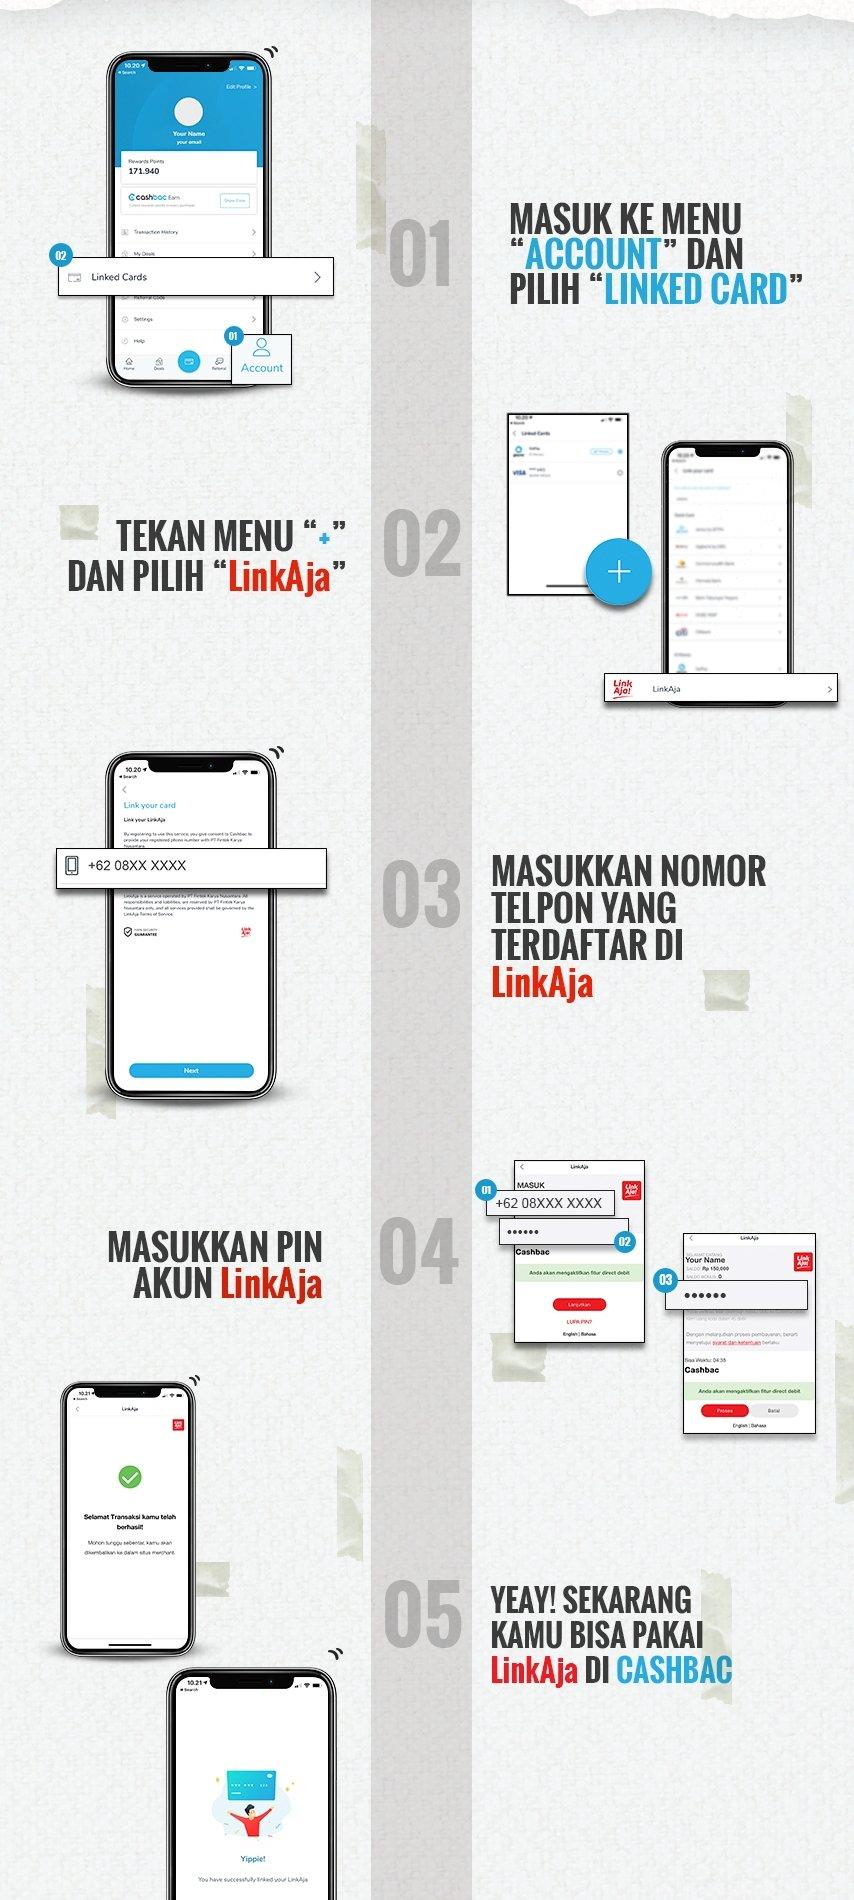 step by step link card linkaja